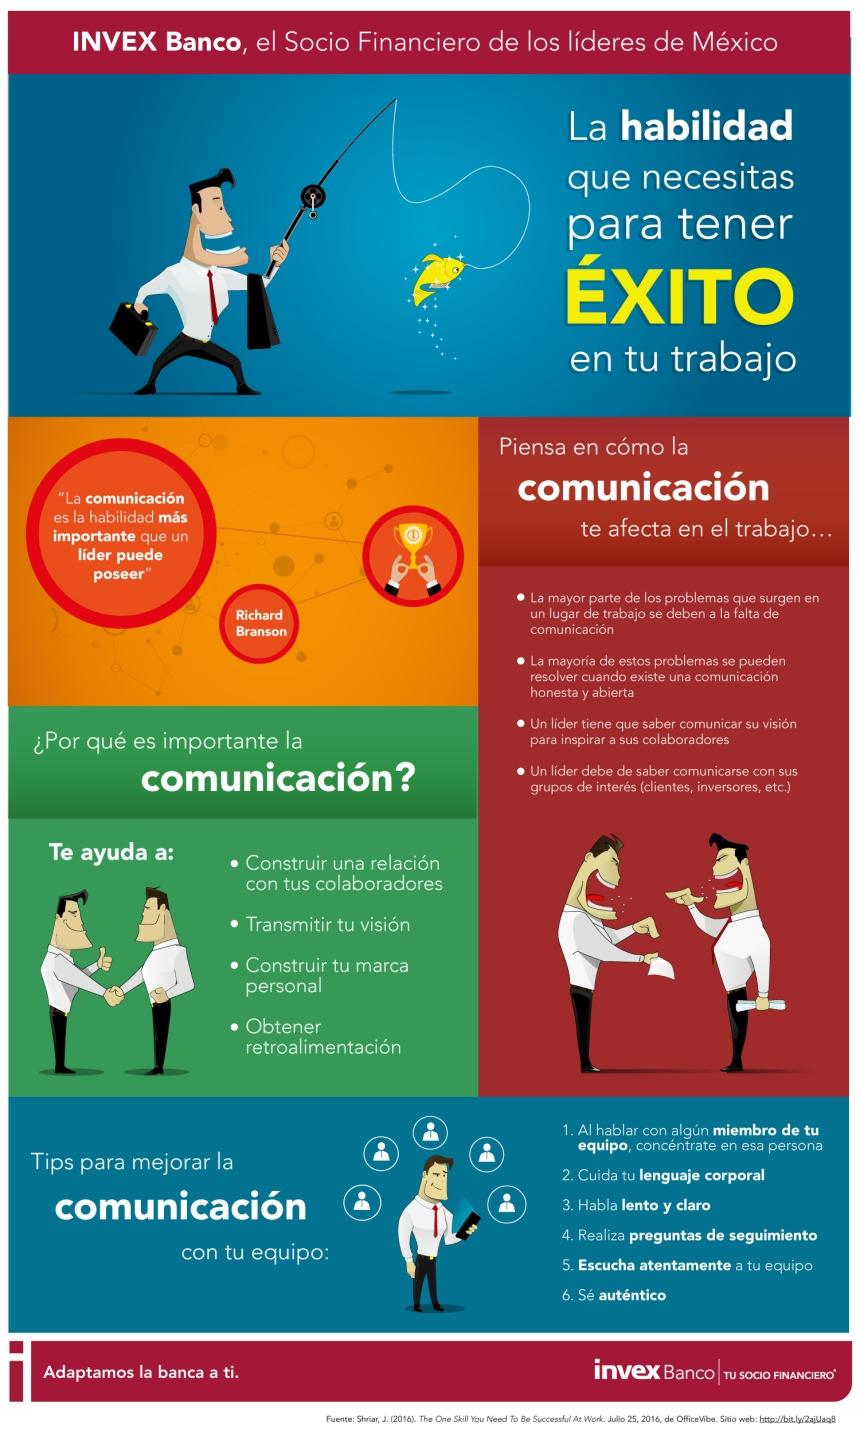 Comunicaci n la habilidad que necesitas para tener xito en tu trabajo infografia rrhh tics for Como ambientar una oficina de trabajo